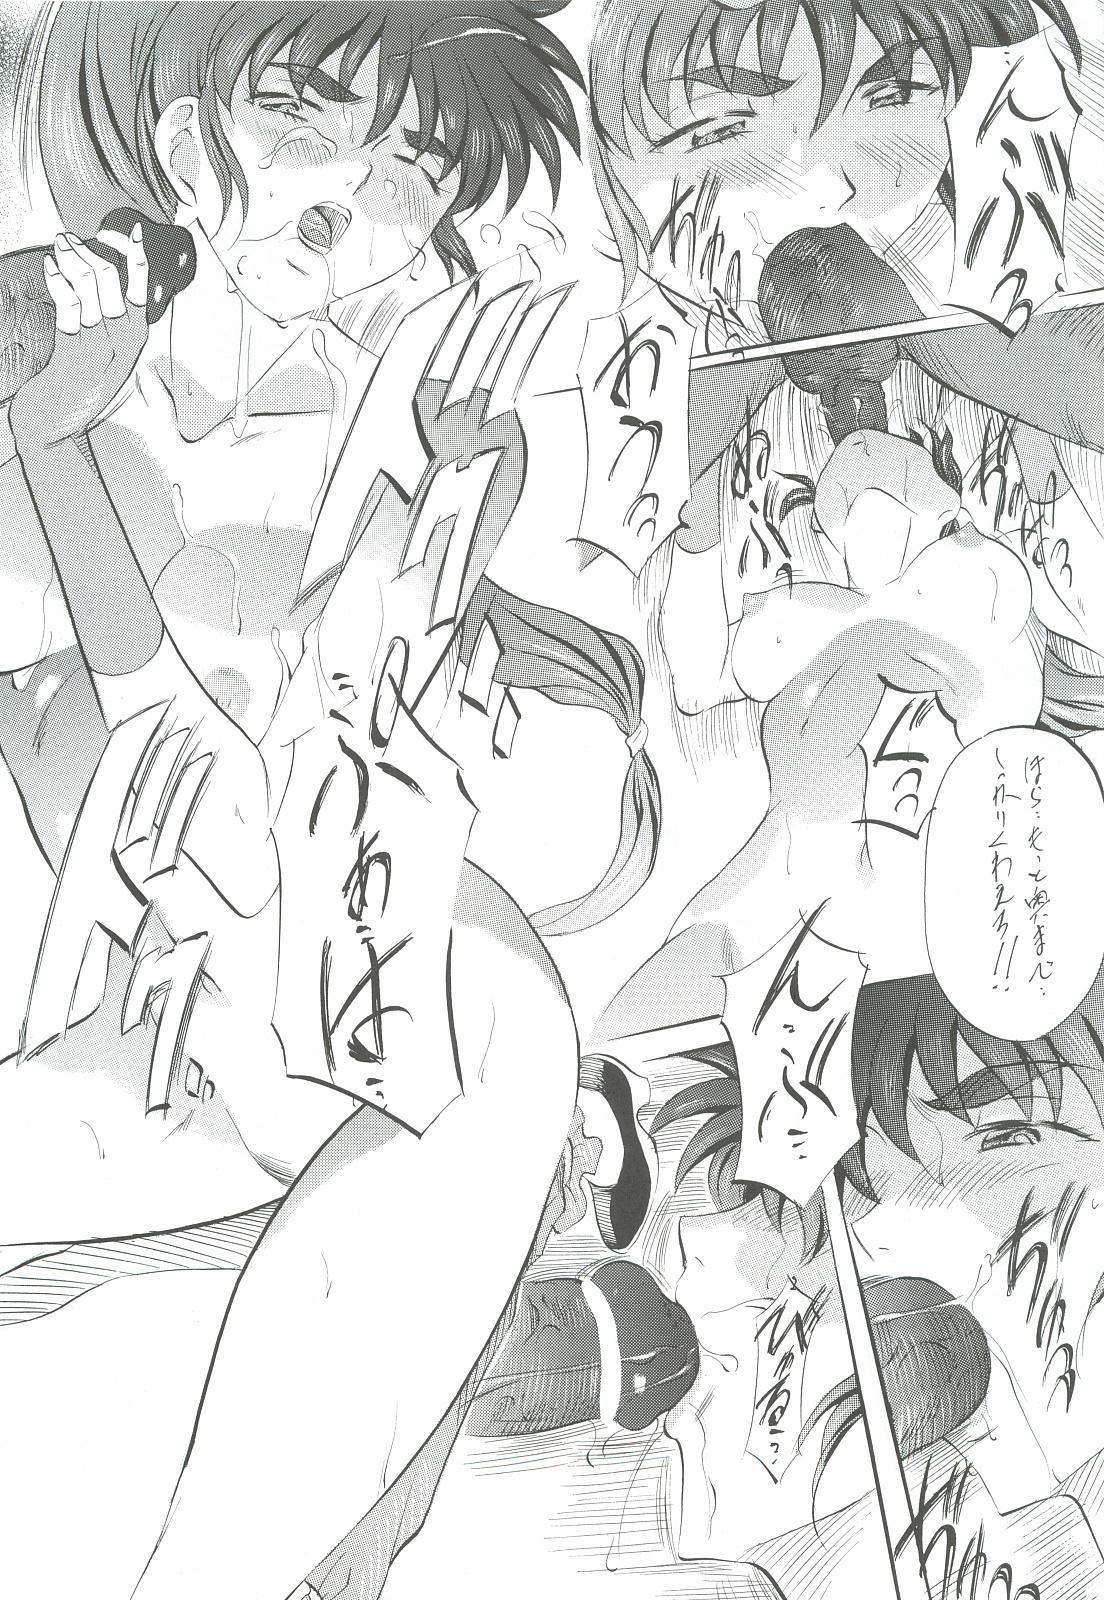 Ai & Mai Gaiden - Kishin Fukkatsu no Shou 65